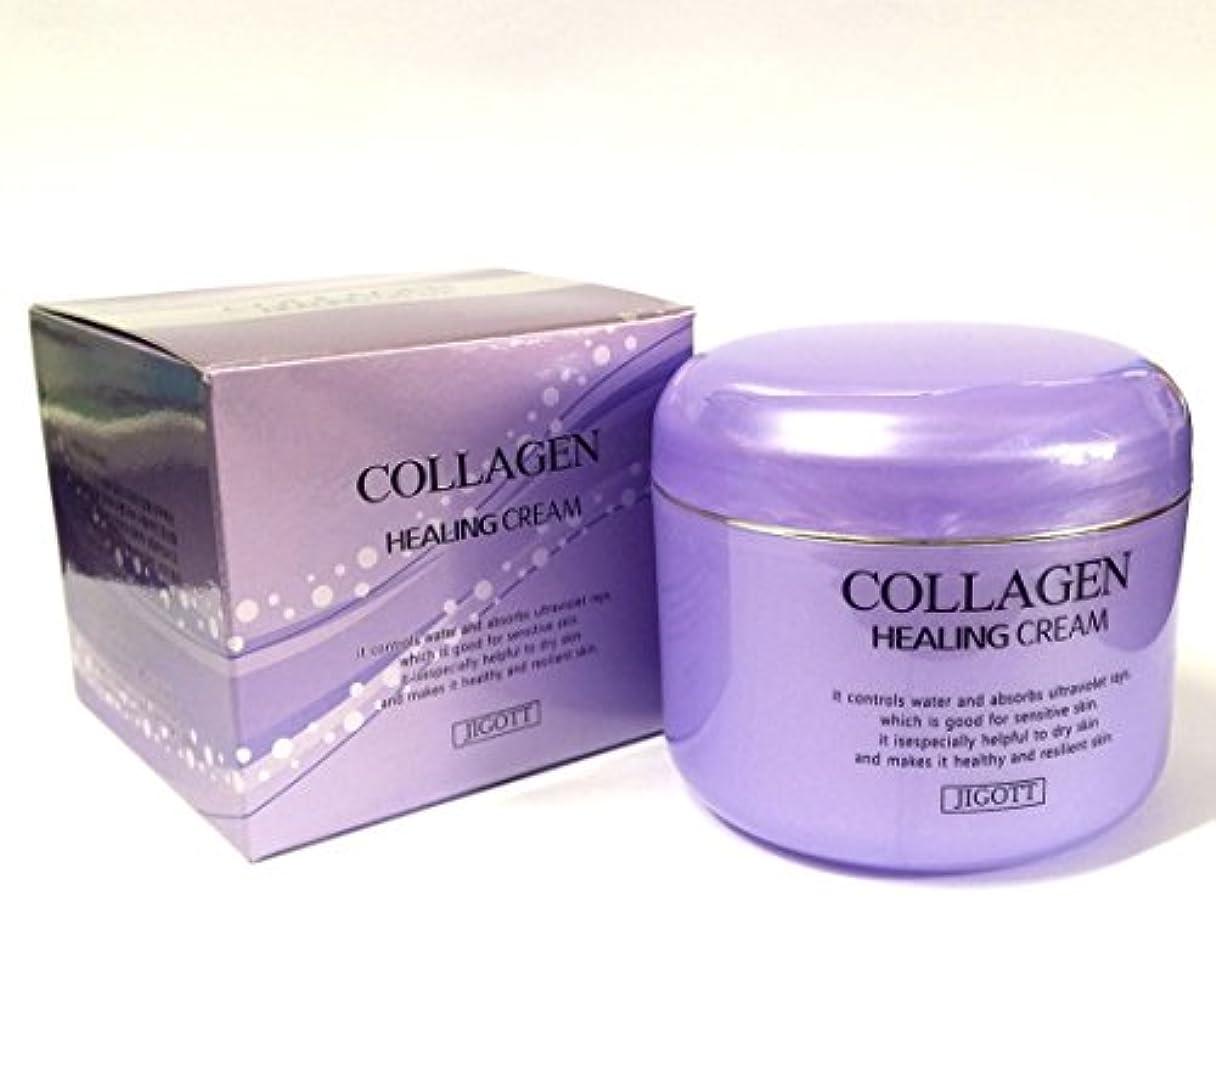 講師おなじみのご飯[JIGOTT] コラーゲンヒーリングクリーム100g/Collagen Healing Cream 100g/保湿、栄養/韓国化粧品/moisturizing,nourishing/Korean Cosmetics (2EA) [並行輸入品]